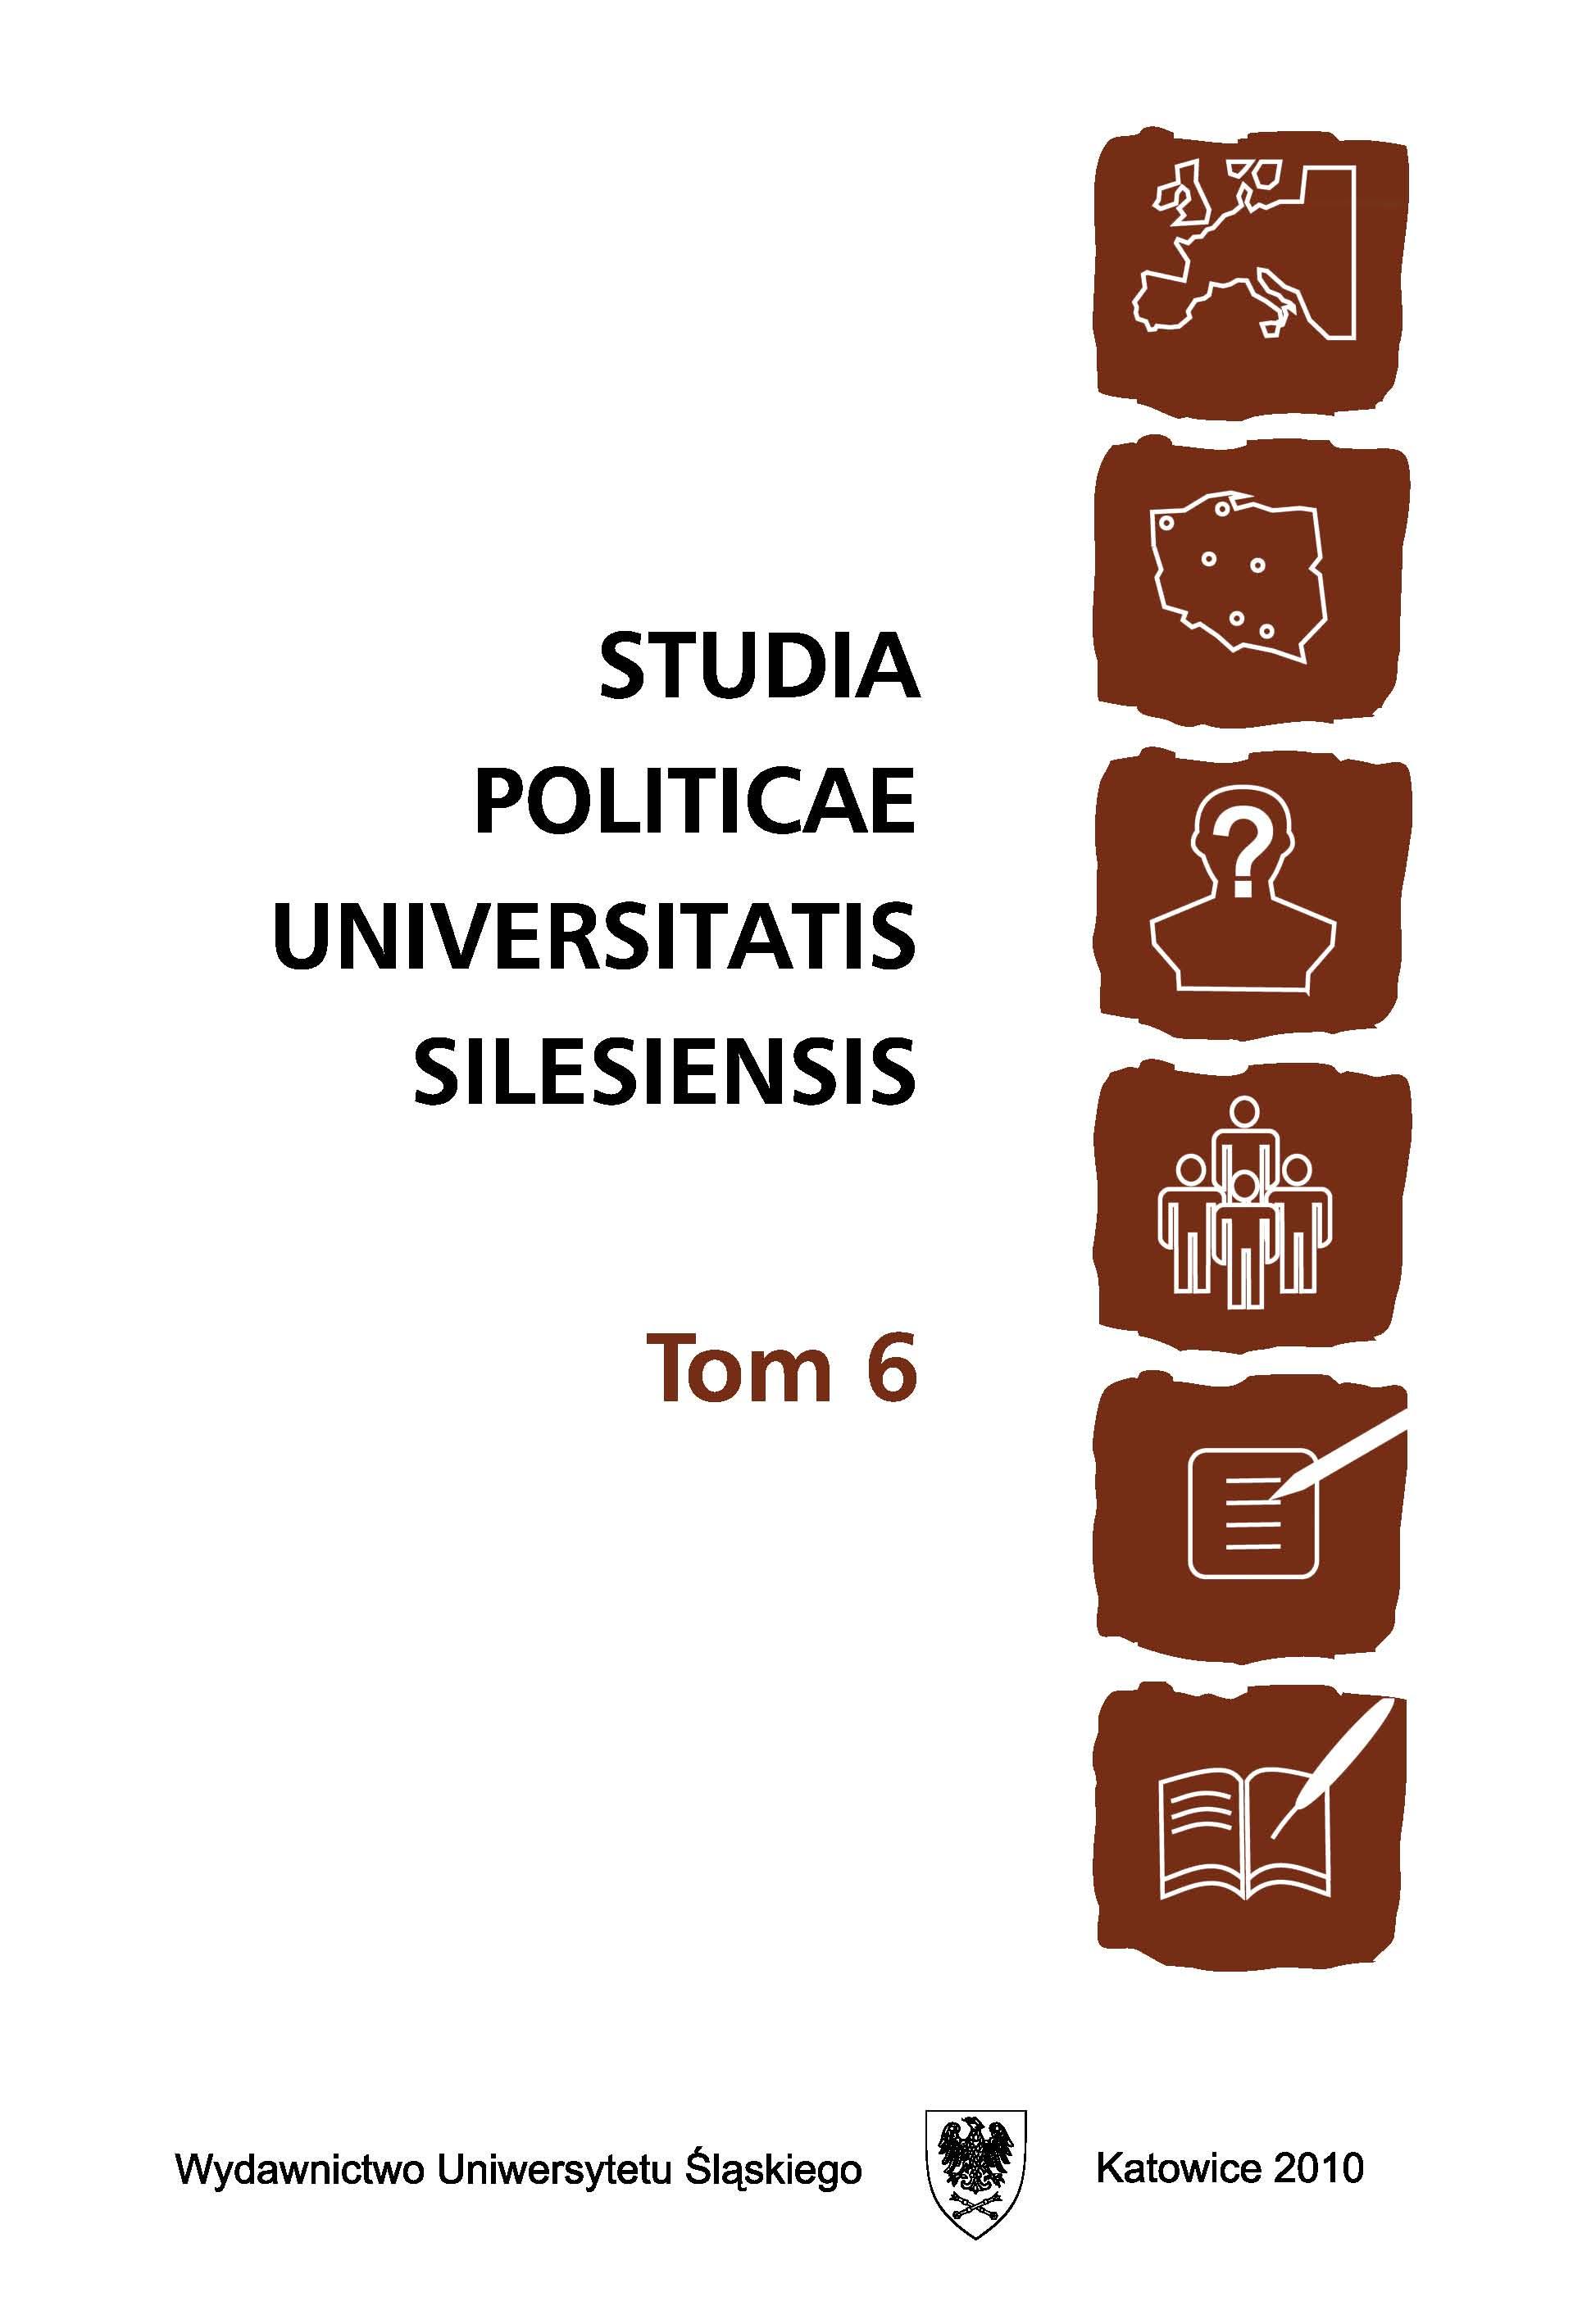 Studia Politicae Universitatis Silesiensis Tom 6